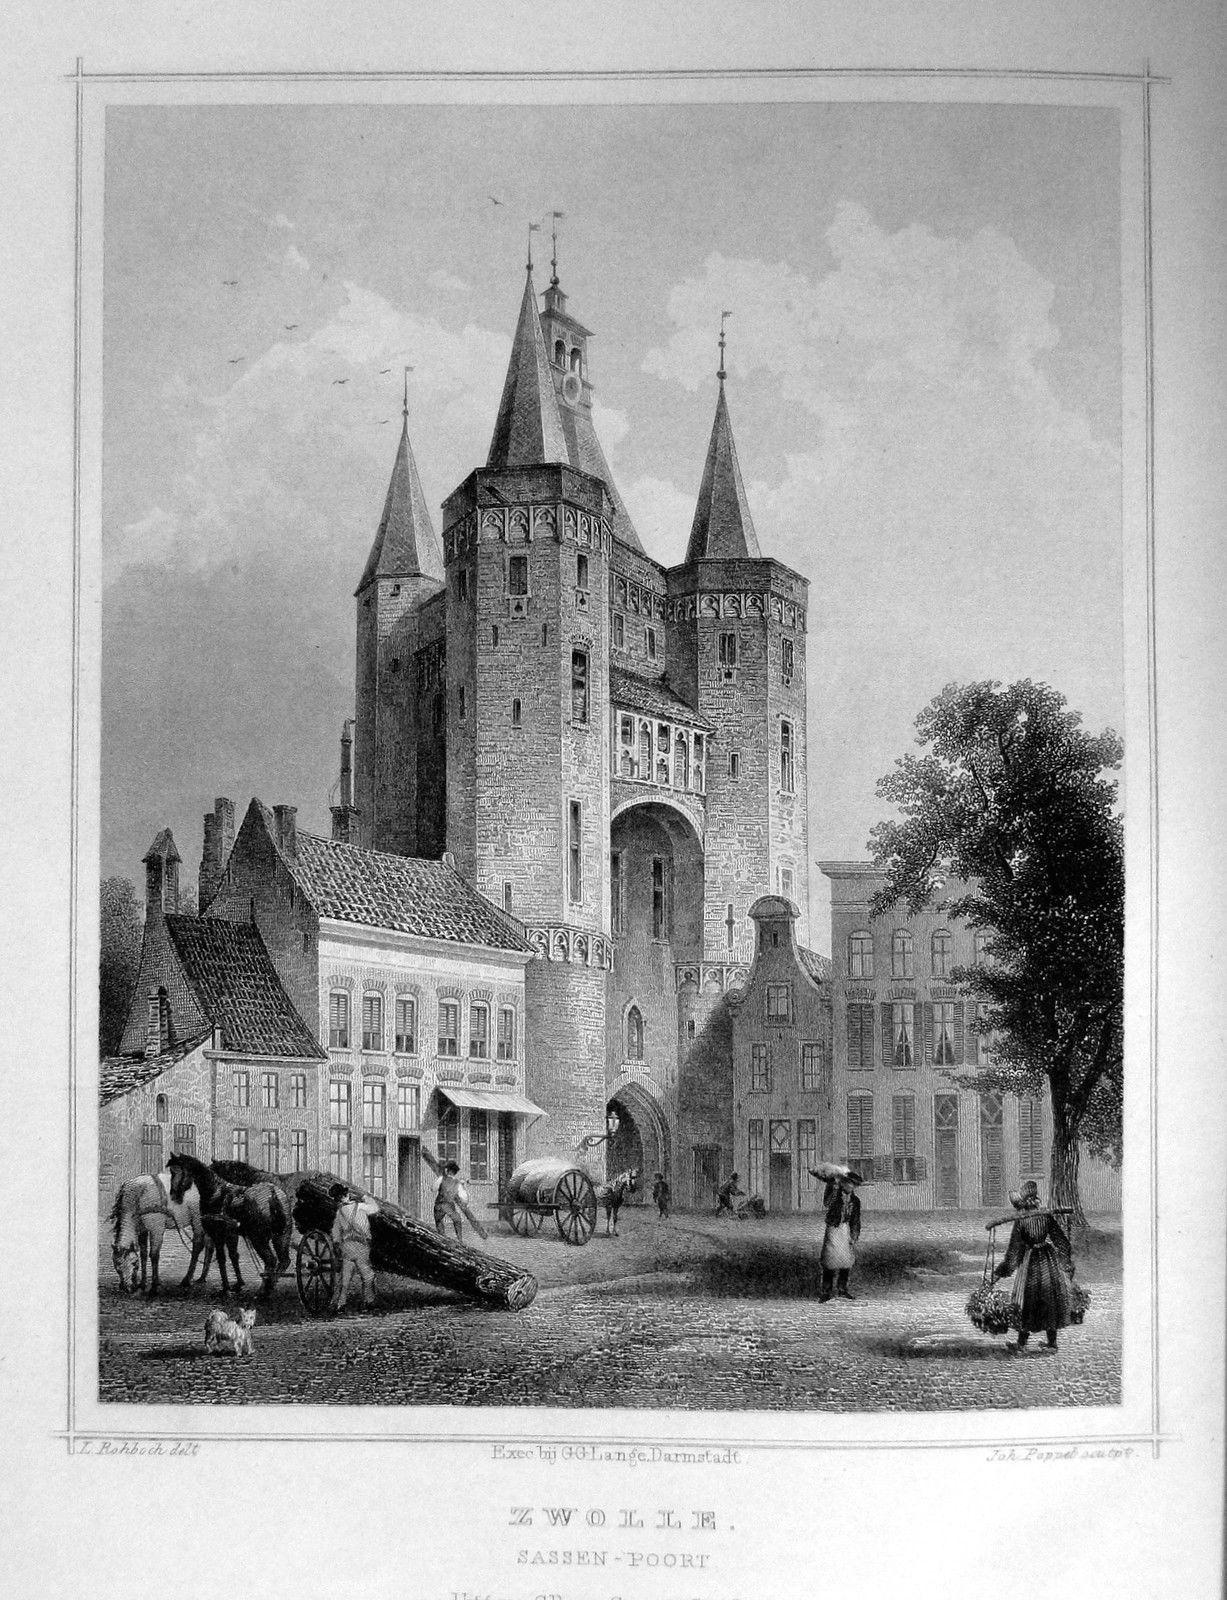 Zwolle-Sassen Poort   Herkomst : J.L. Terwen - Het Koningrijk der Nederlanden, afm. 14 x 20 cm Staalgravure 1860